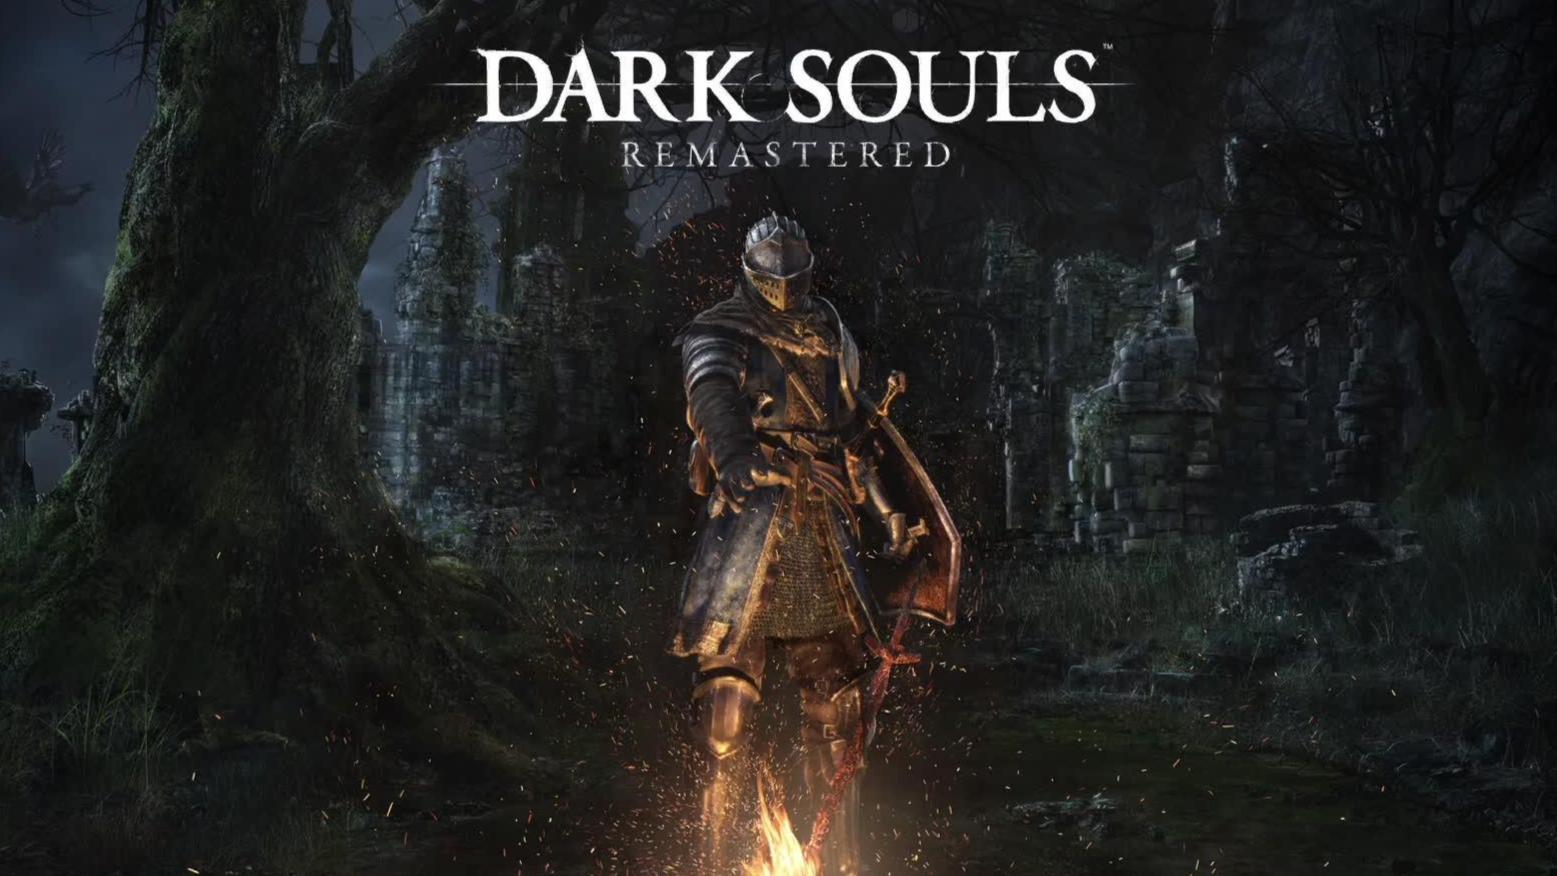 【合集】随义《黑暗之魂1:重置版》猛男攻略流程解说